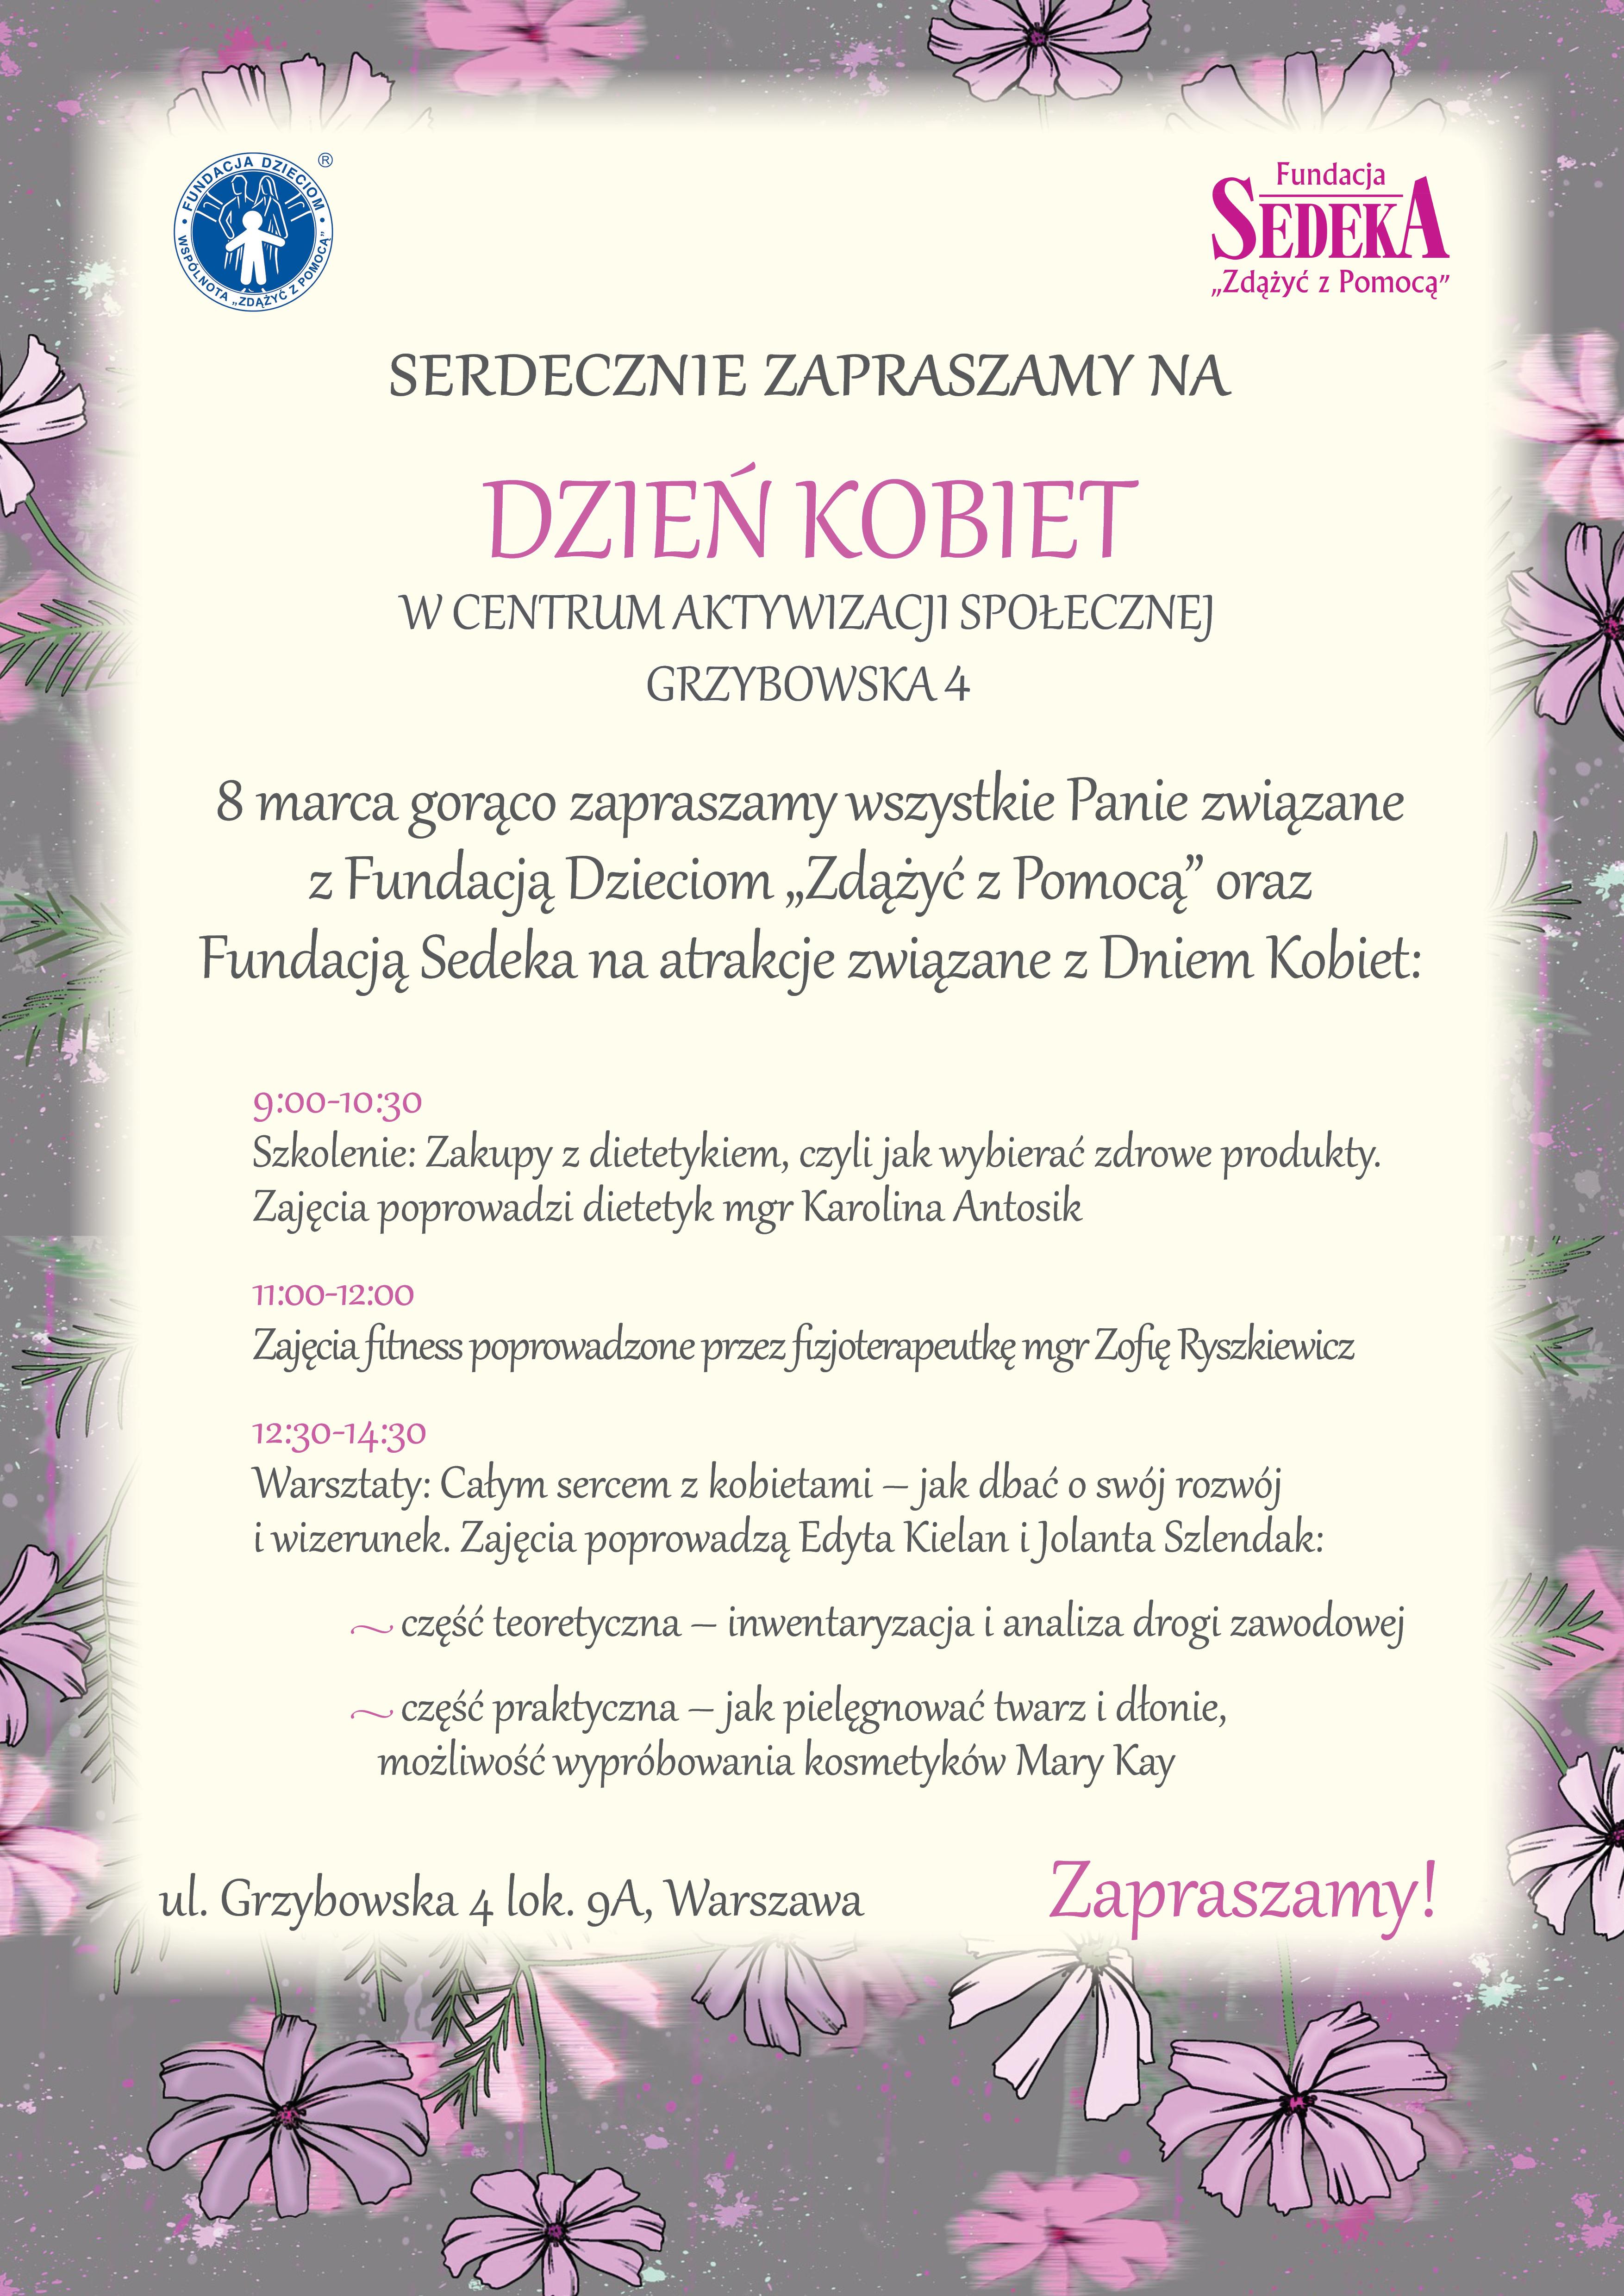 dzien kobiet_plakat